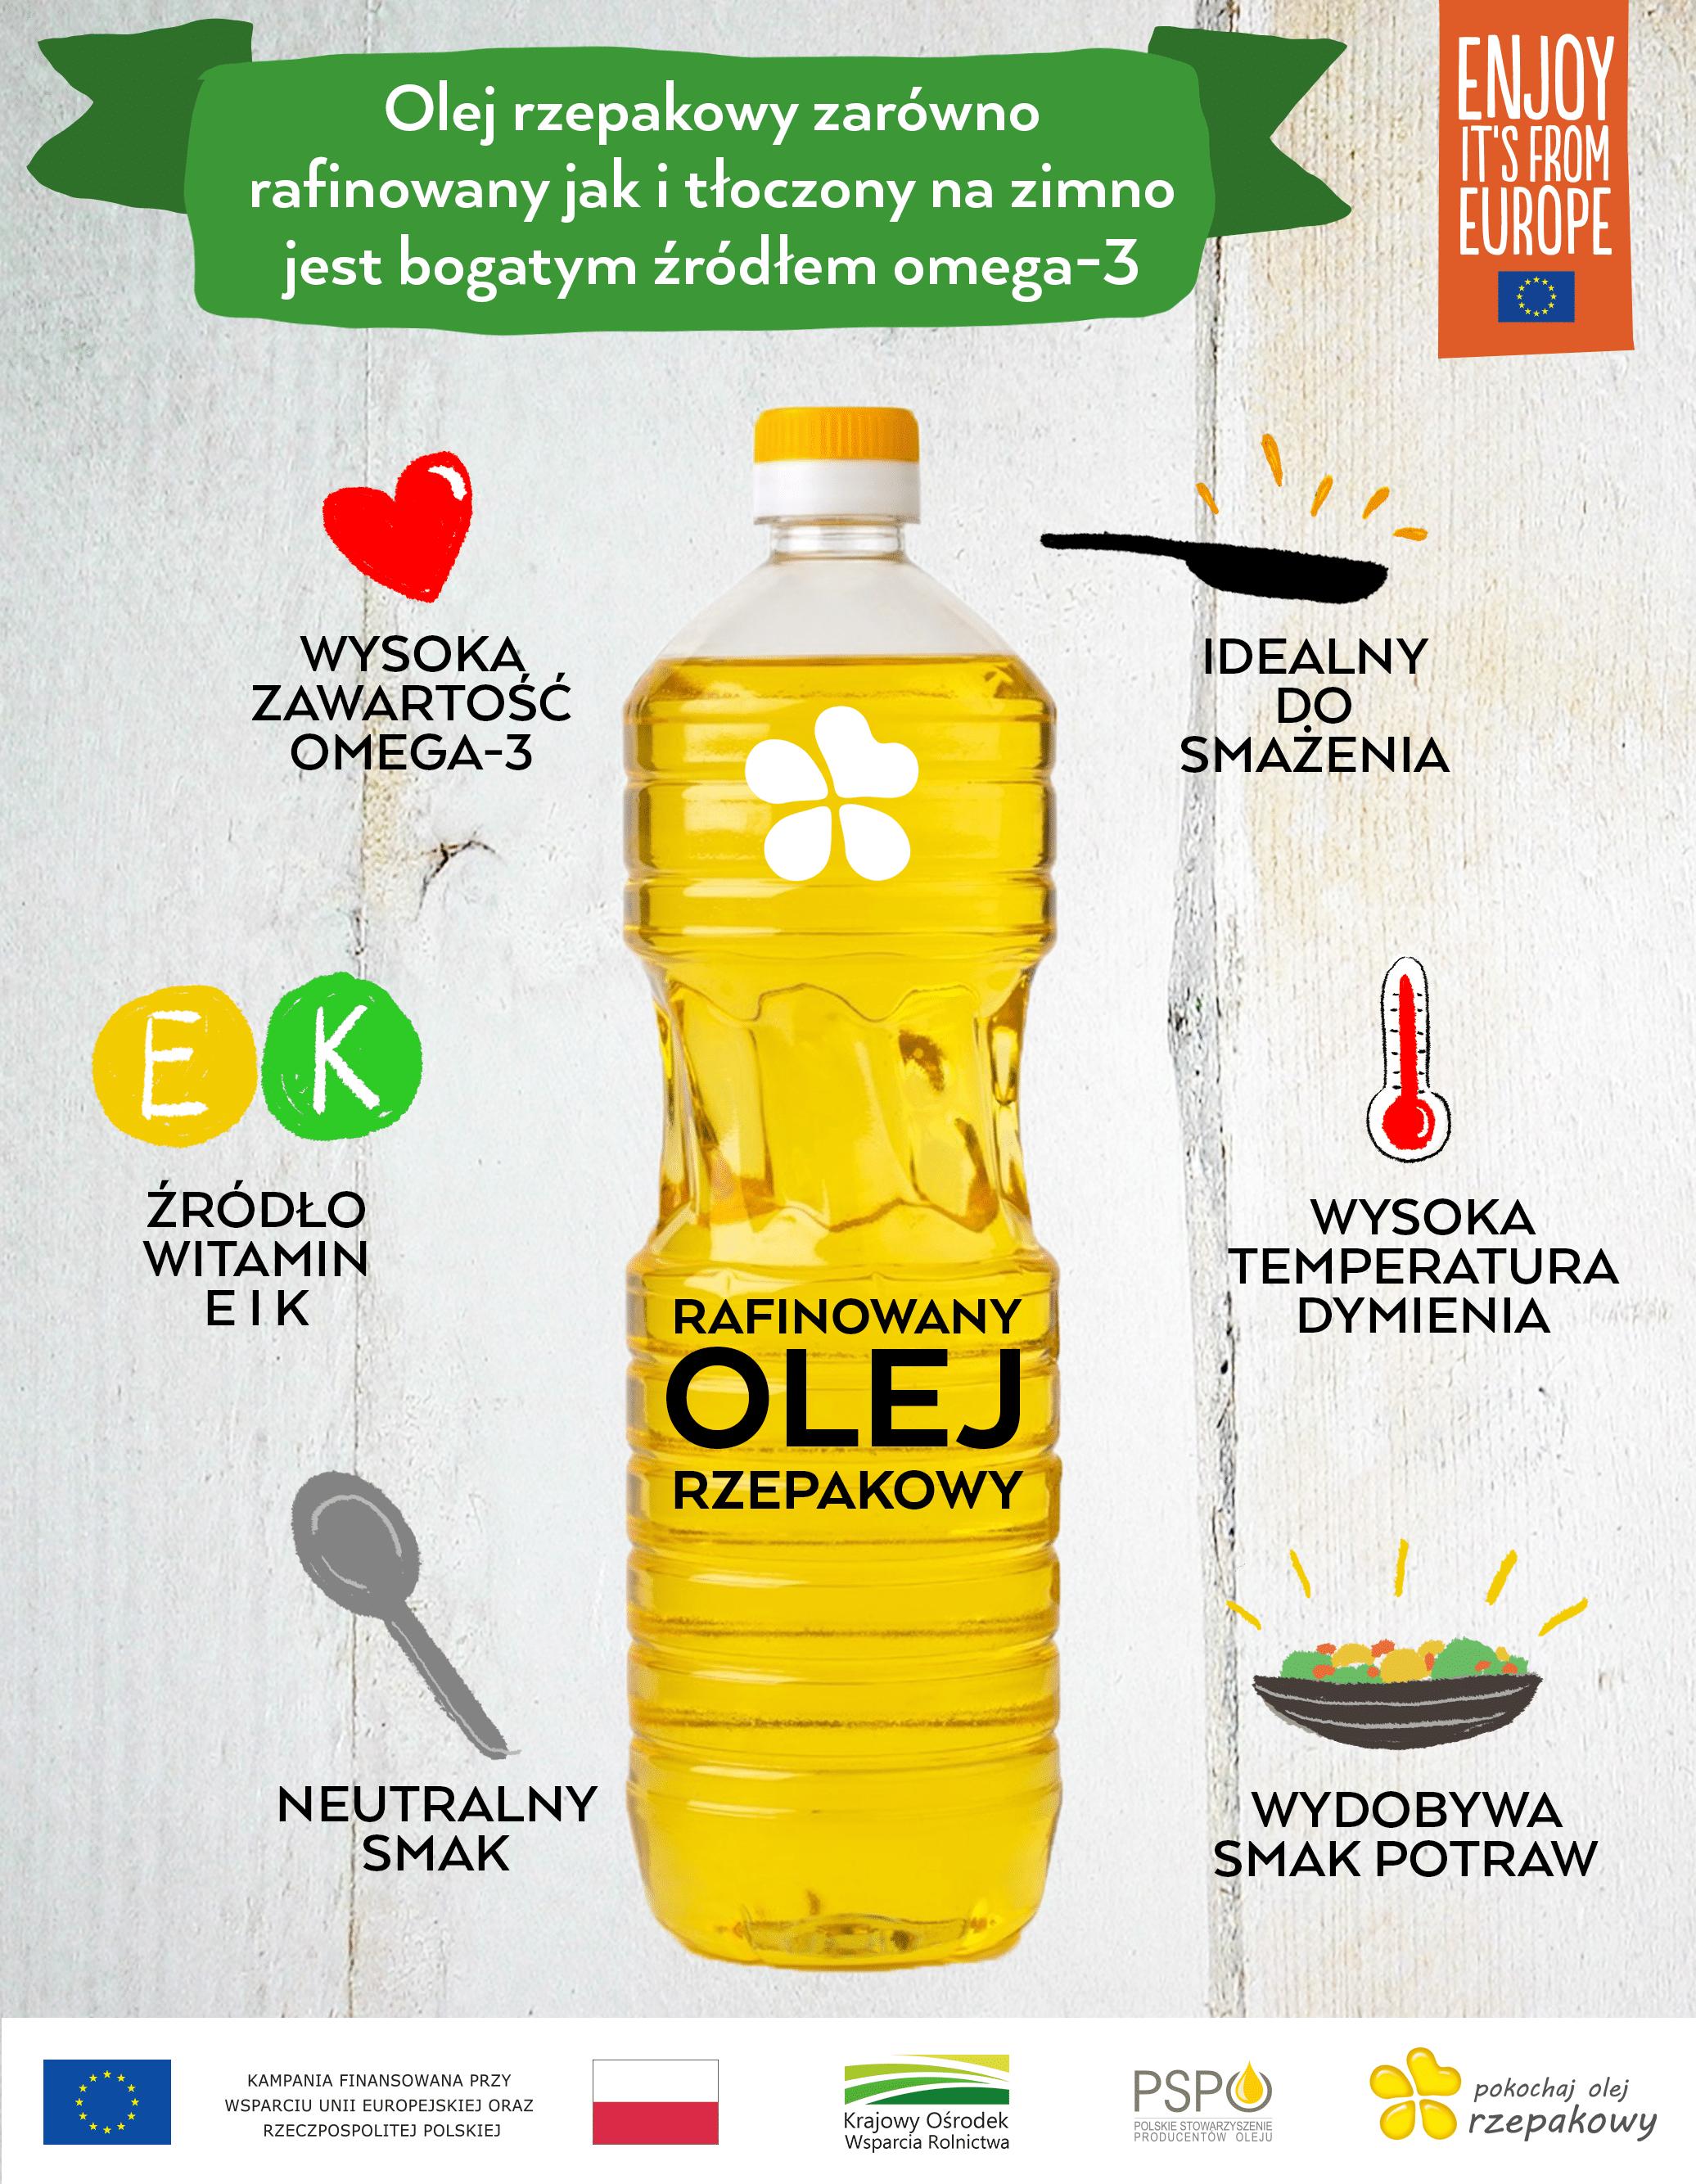 Ciekawostki o oleju rzepakowym